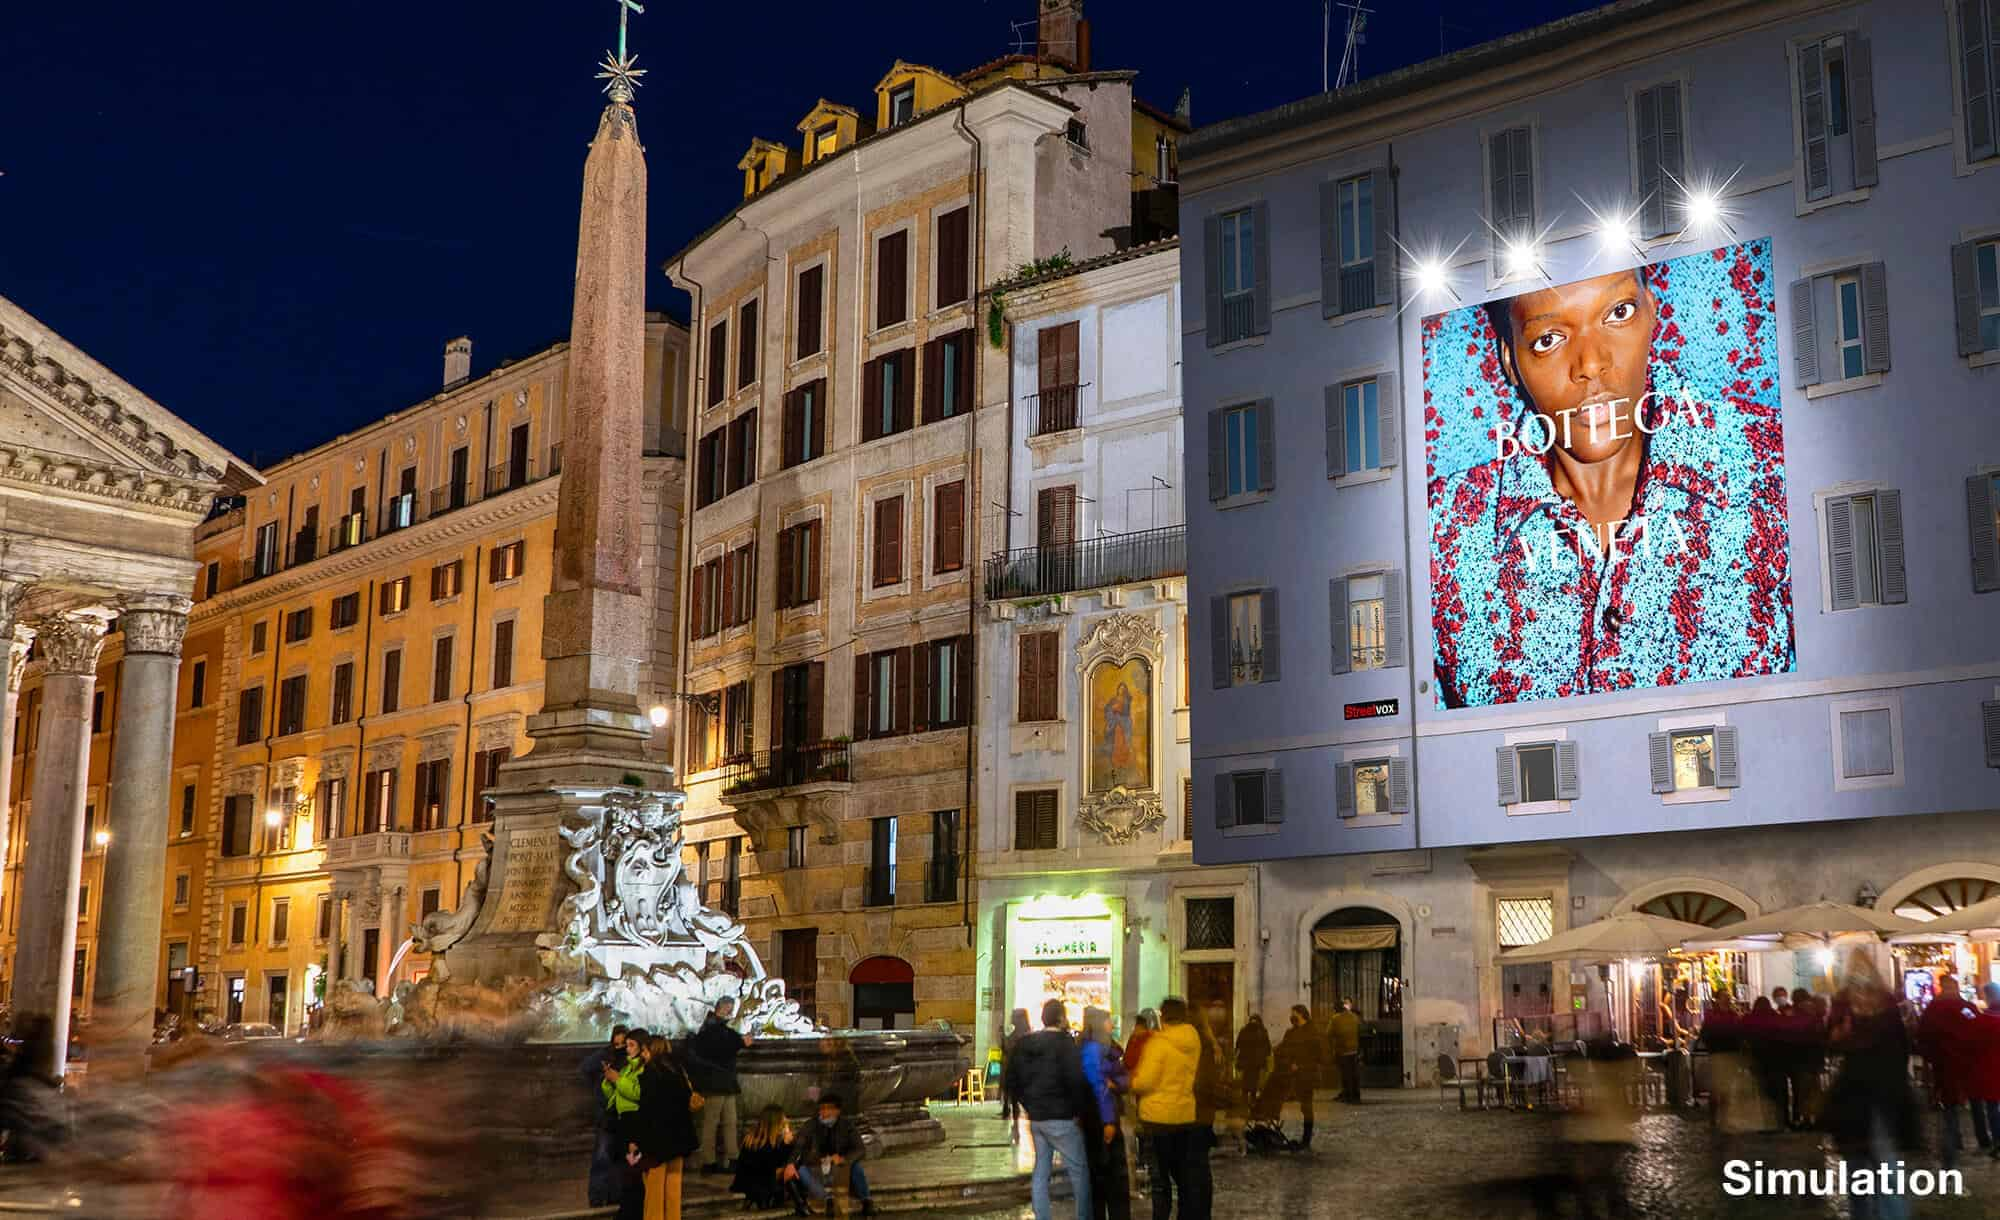 Maxi Affissione a Roma in Piazza del Pantheon con Bottega Veneta (Luxury)